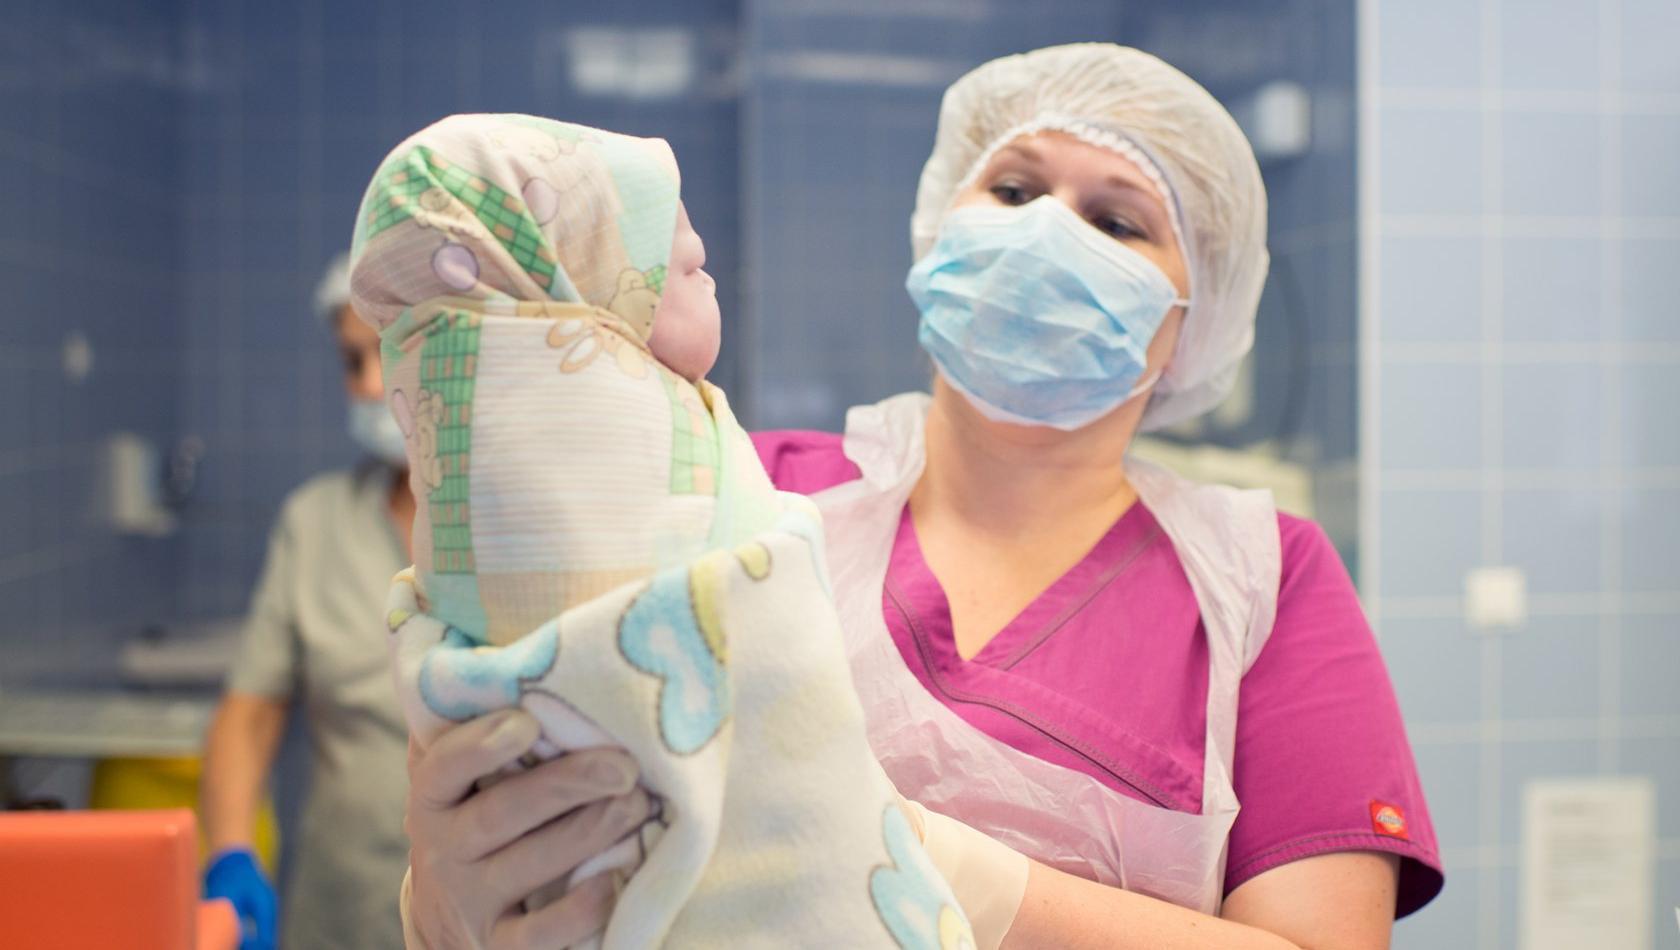 Передача Covid-19 от матери к плоду во время беременности подтверждена методами протеомики